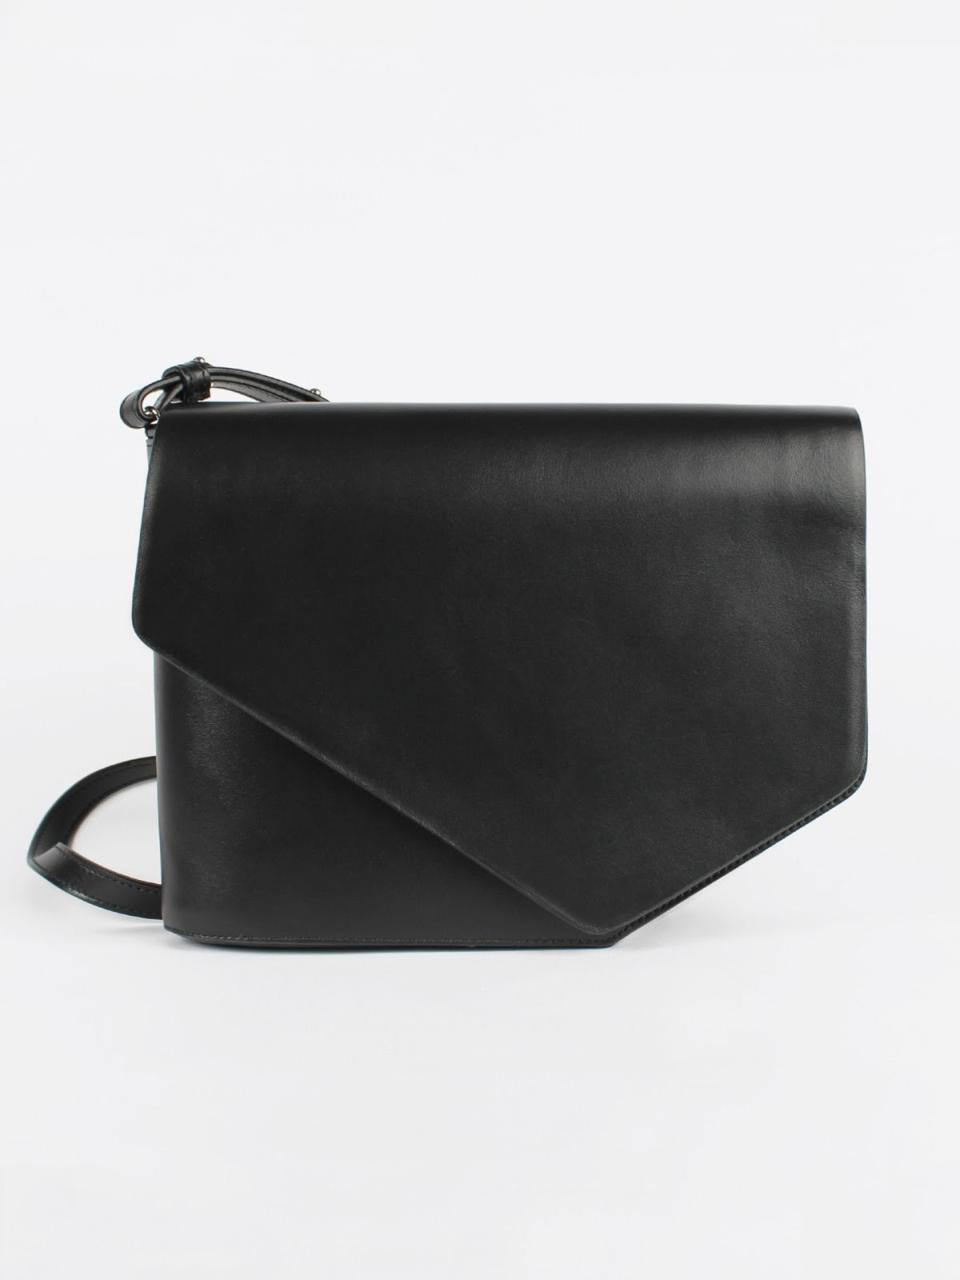 Christian Wijnants Arjana Bag 100% Bovine Leather in the Color Black